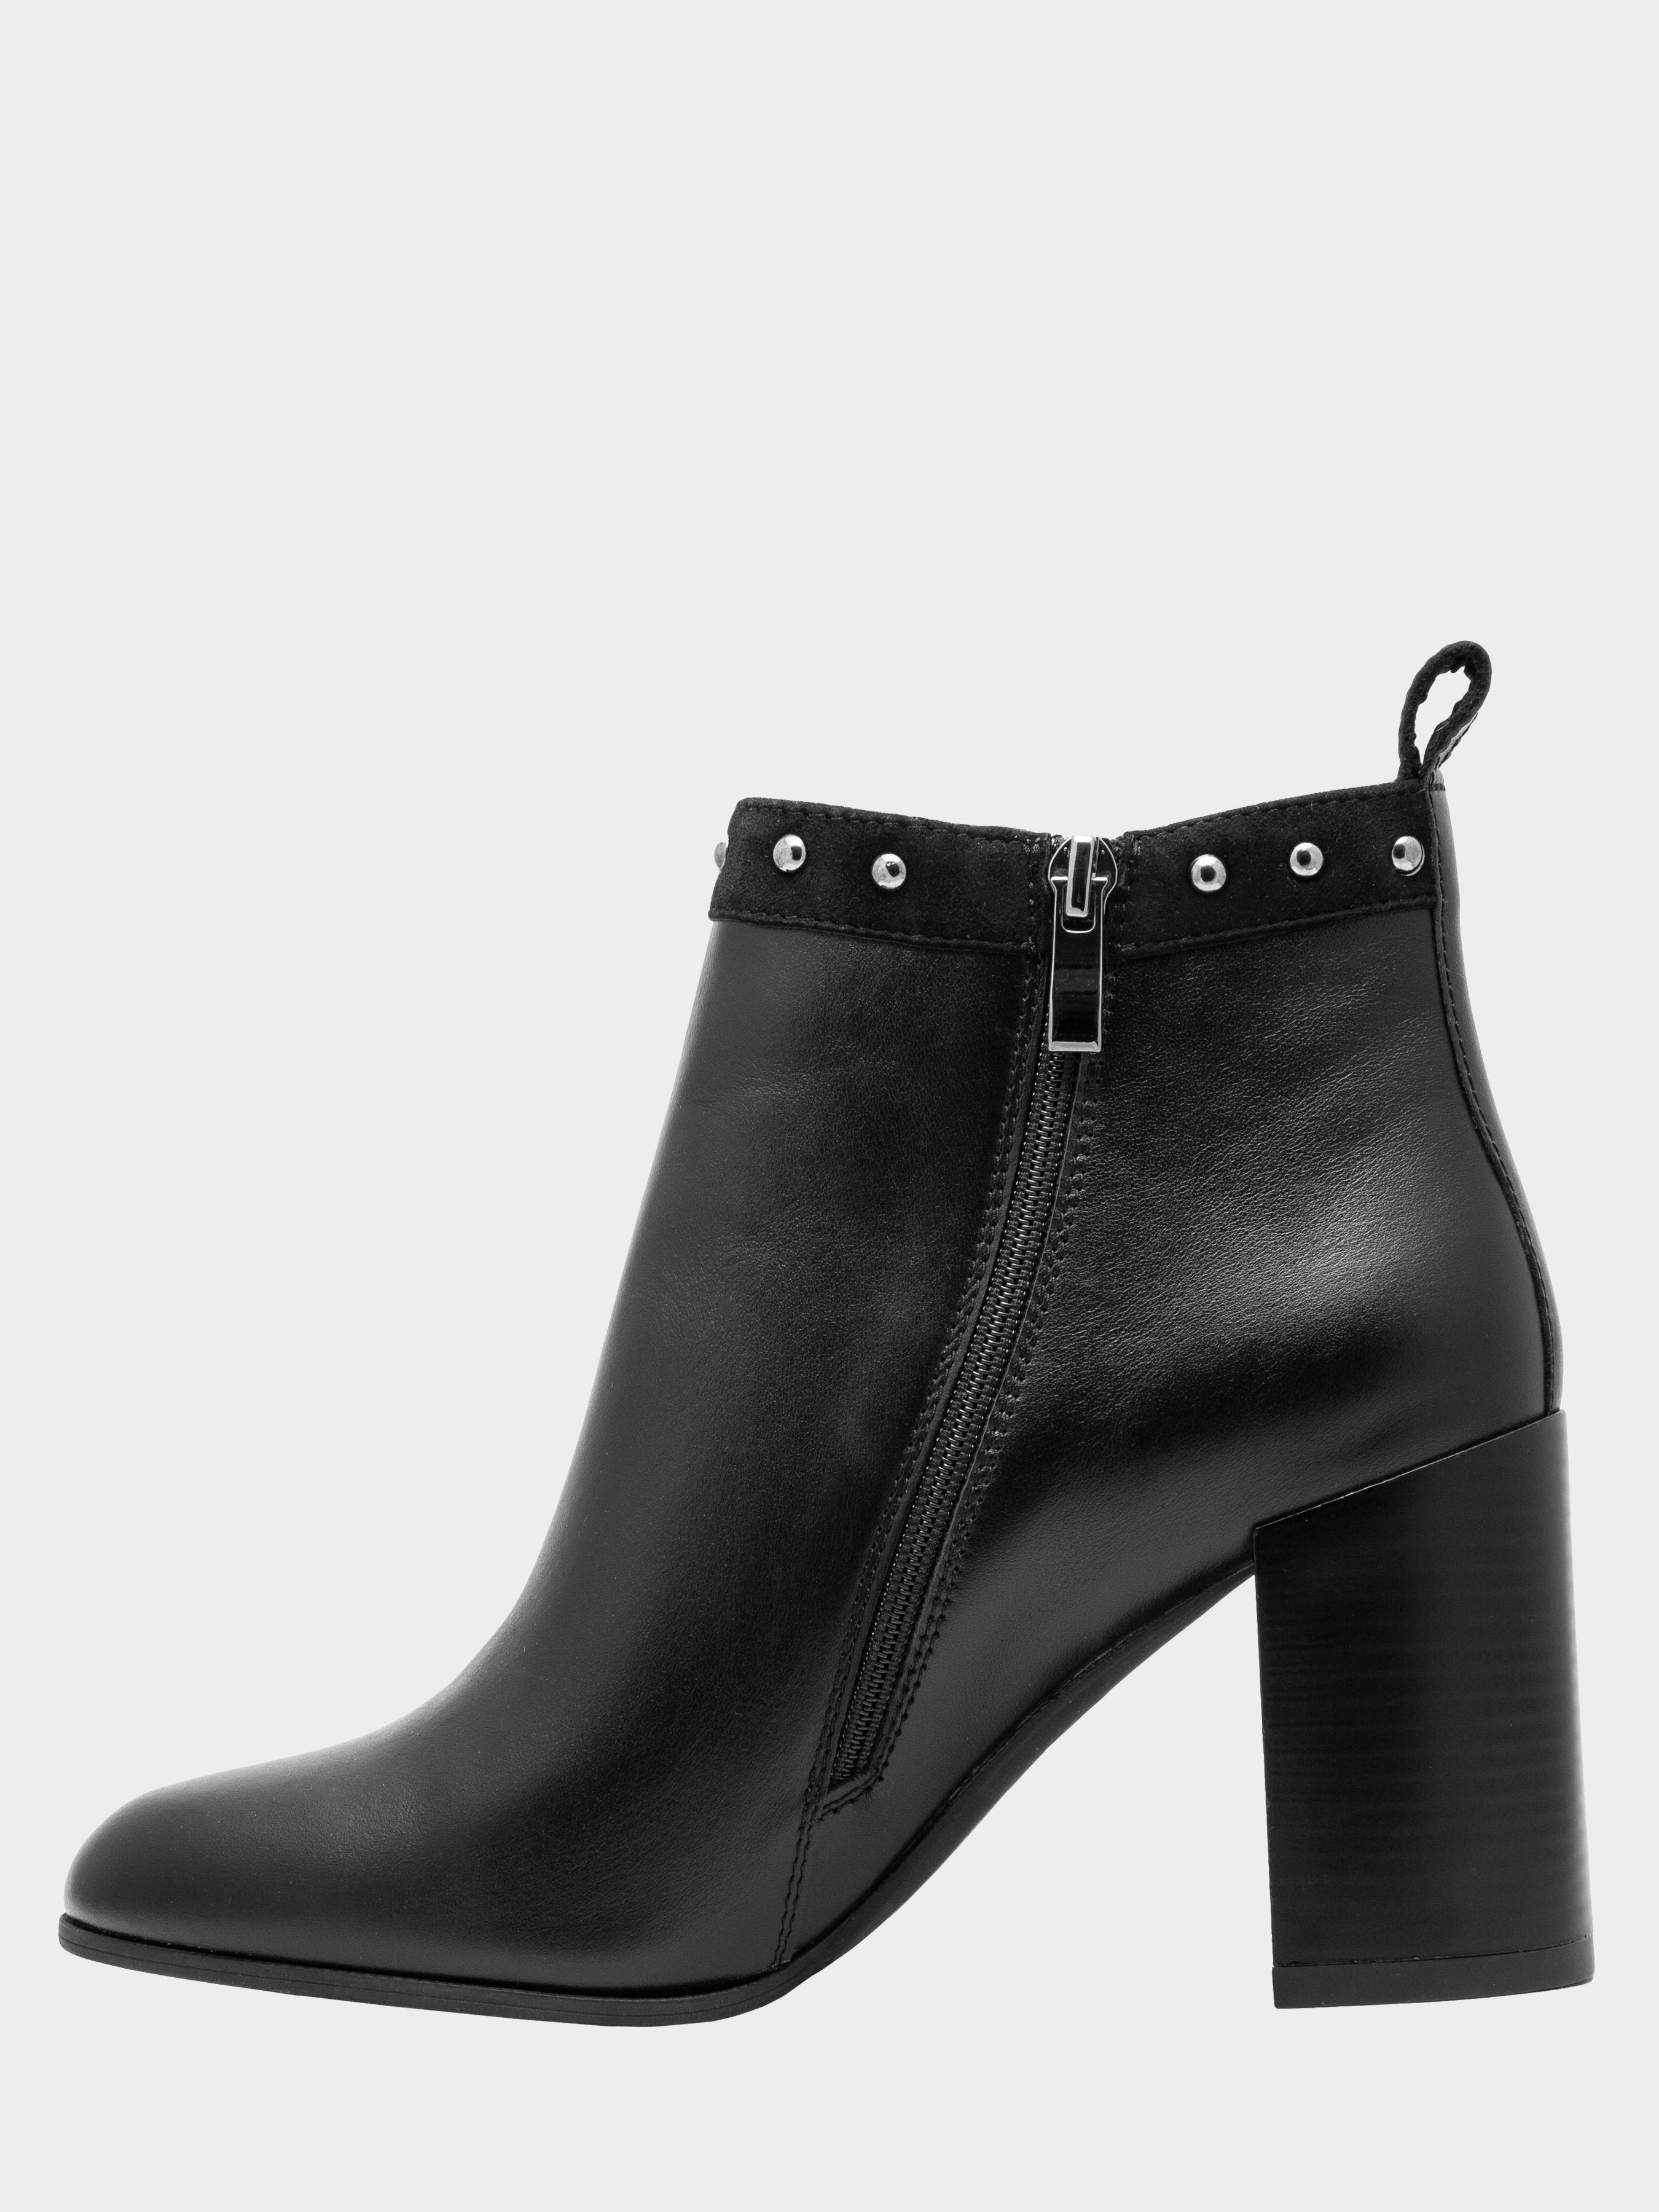 Ботинки для женщин Ботинки женские ENZO VERRATTI 18-9588-2l цена, 2017